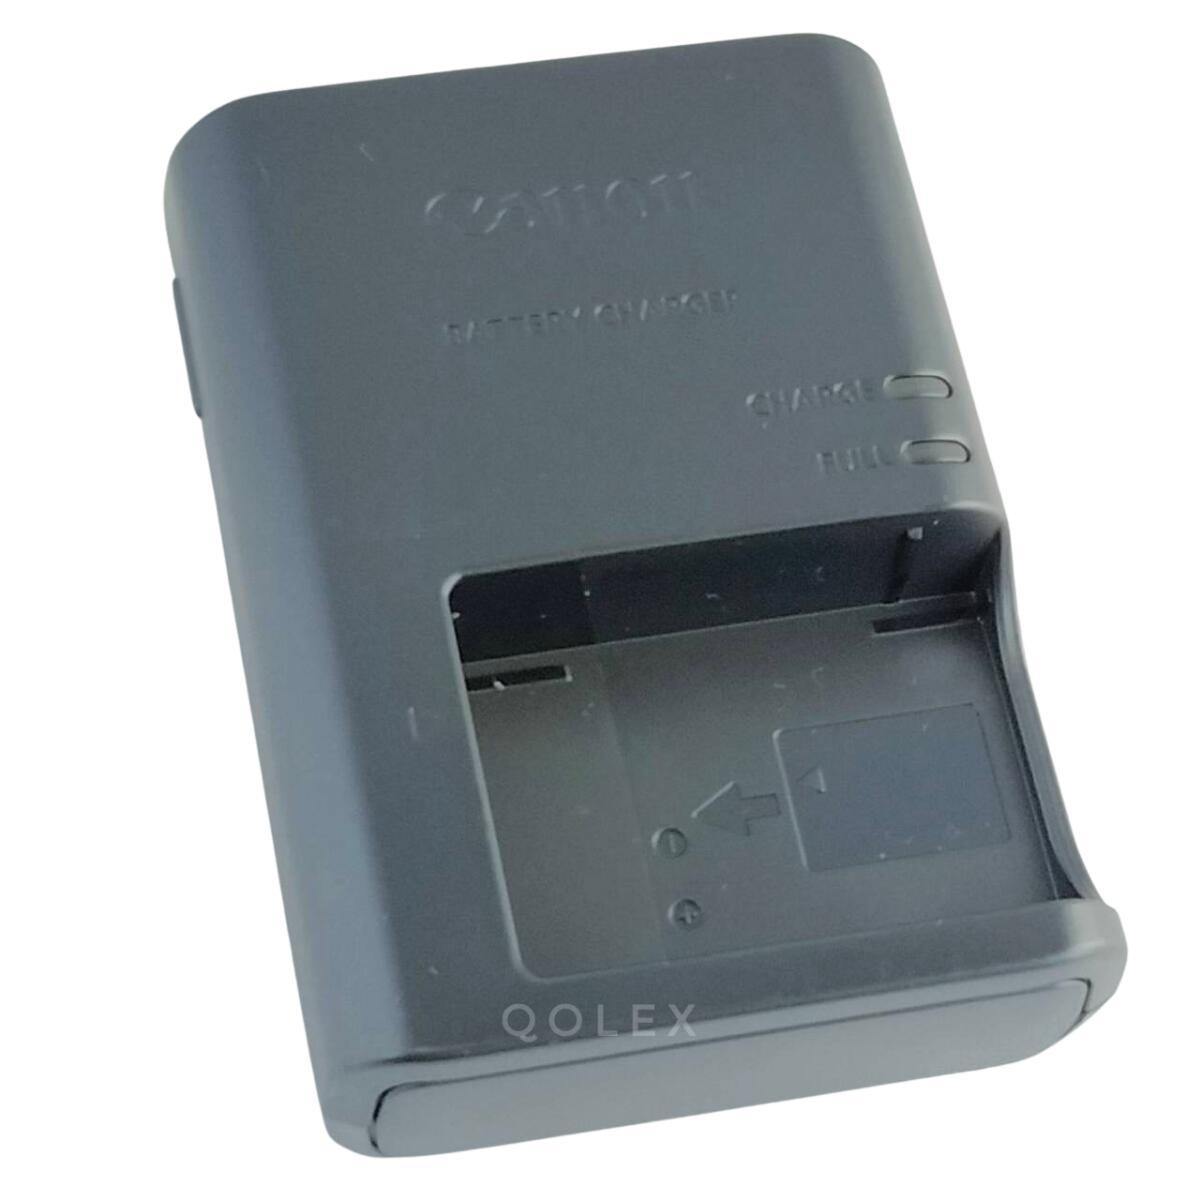 評判 コンセント直付けタイプ Canon 使い勝手の良い キヤノン LC-E12 充電器 LP-E12対応充電器 海外表記 LCE12 バッテリーチャージャー